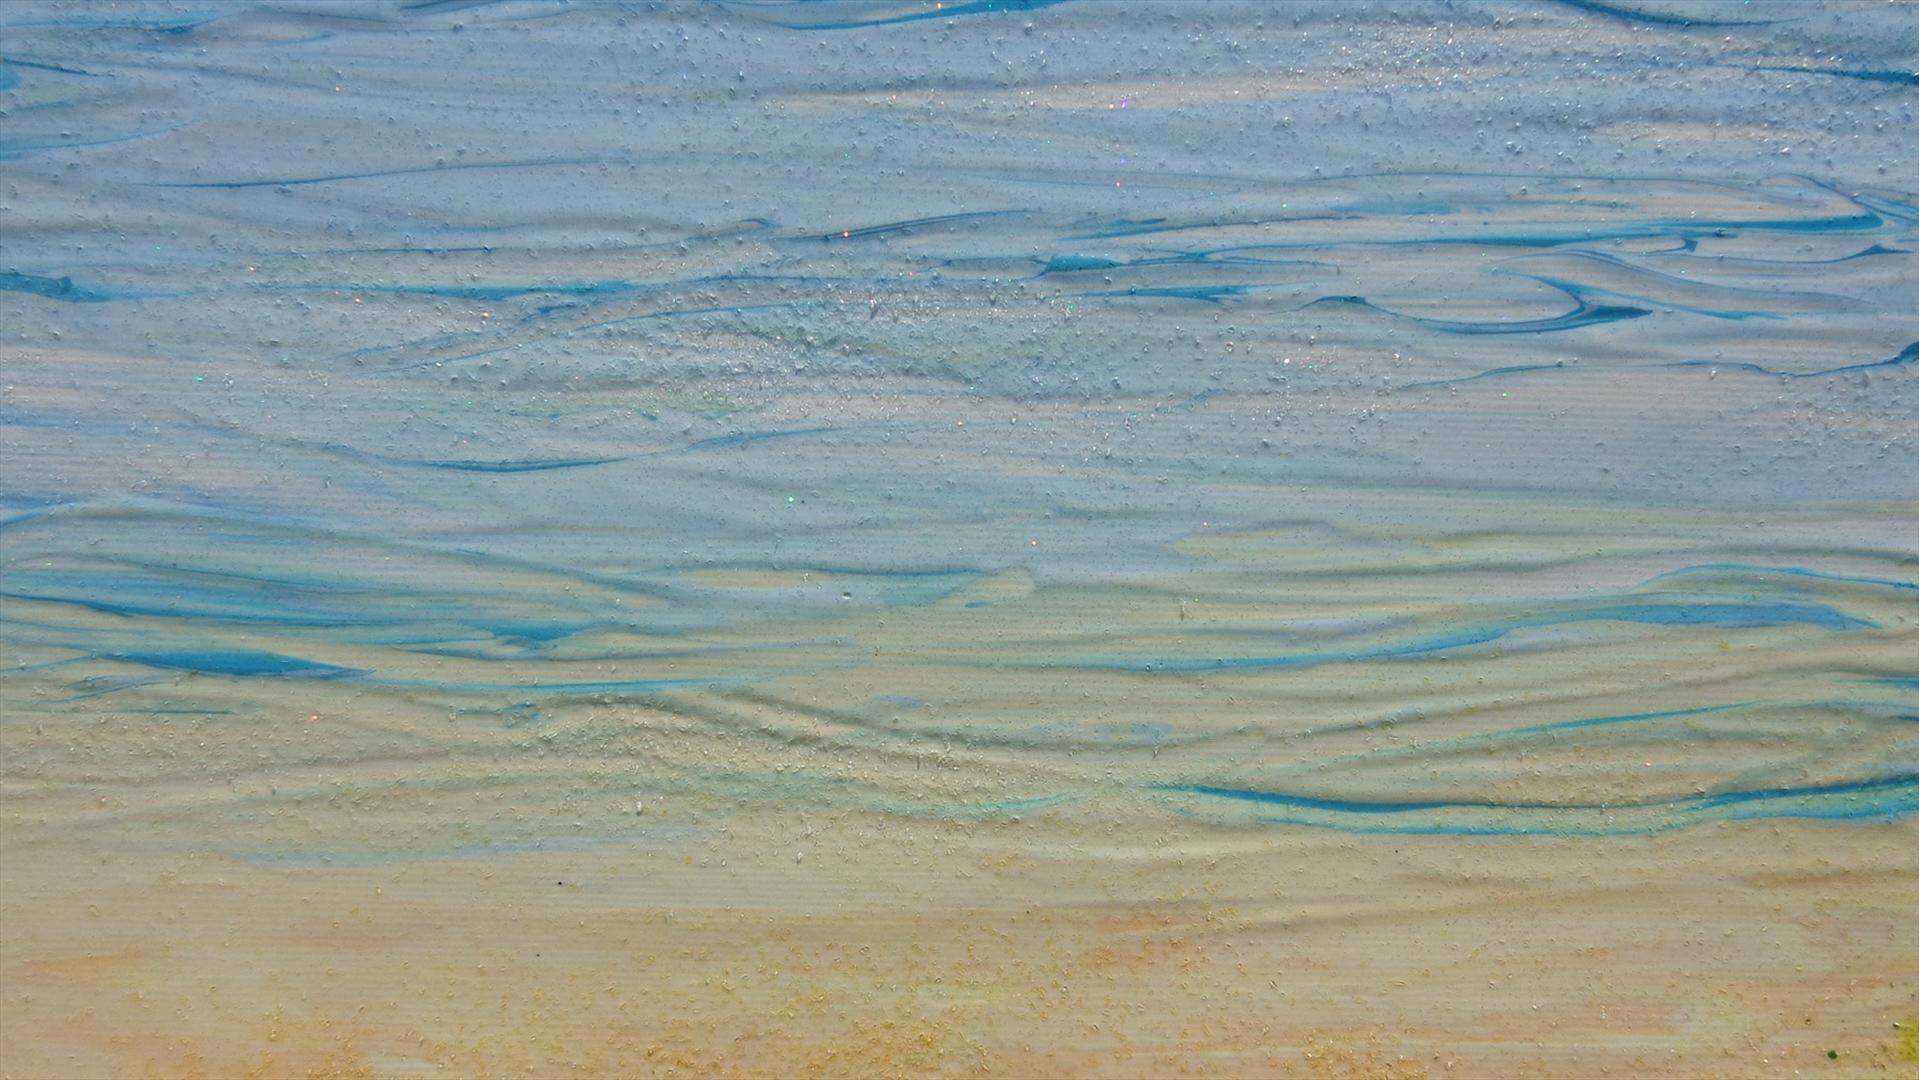 Paesaggio di mare con barche vendita quadri online for Quadri astratti immagini